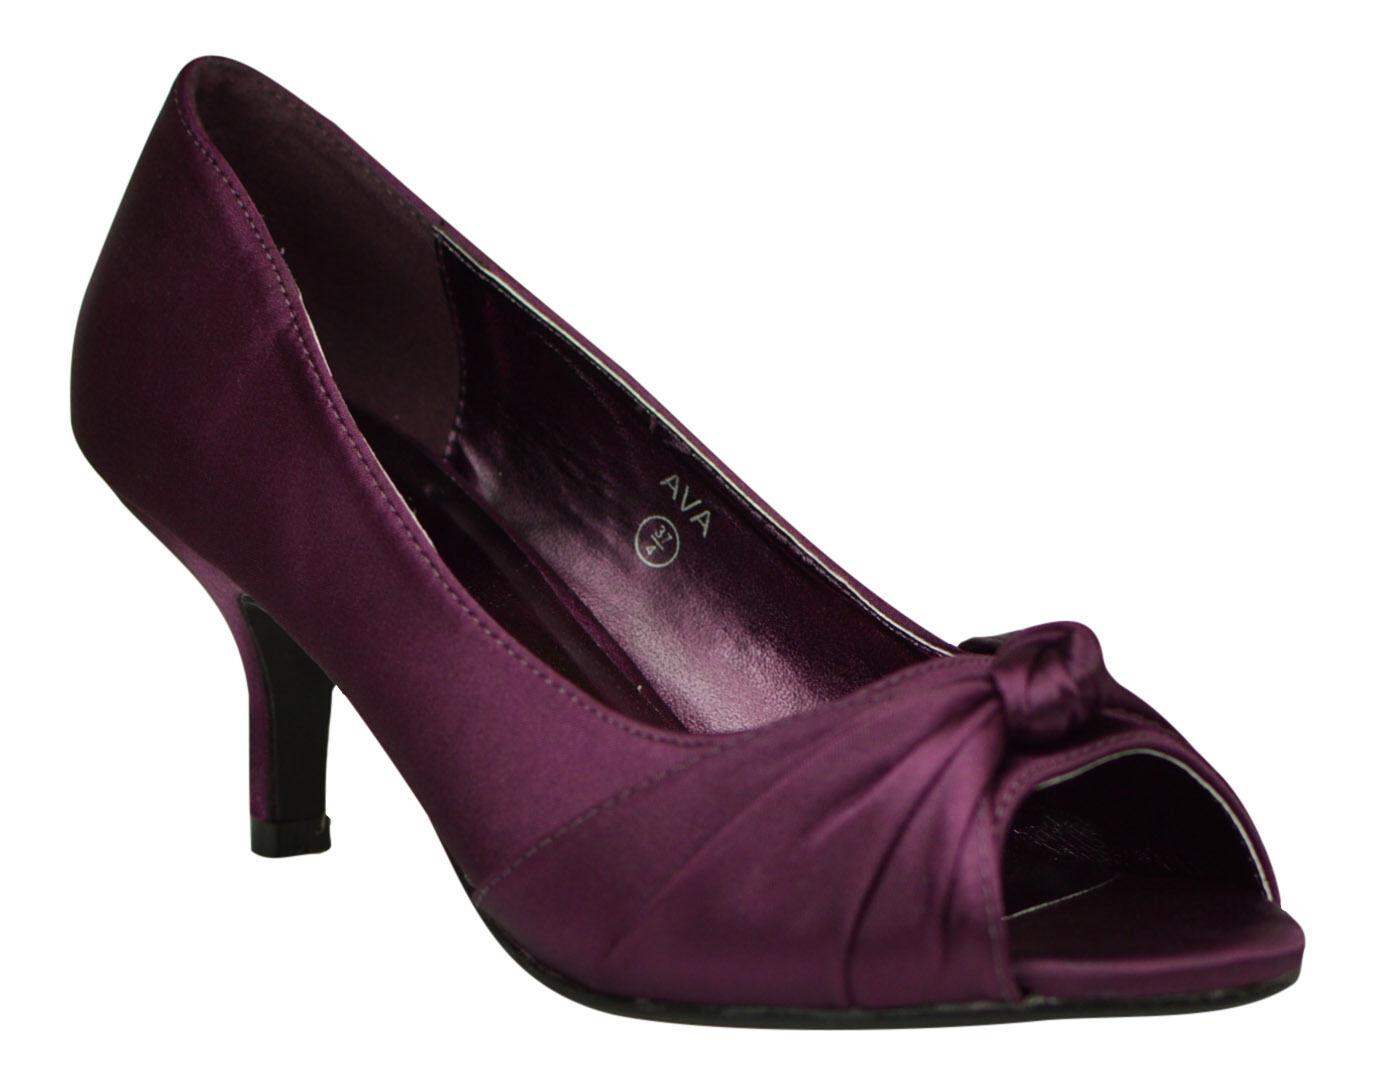 Para mujer púrpura Raso de Boda Baile de graduación Noche Noche Noche Fiesta Corte Tacón Bajo Punta Abierta Zapatos  promociones de equipo